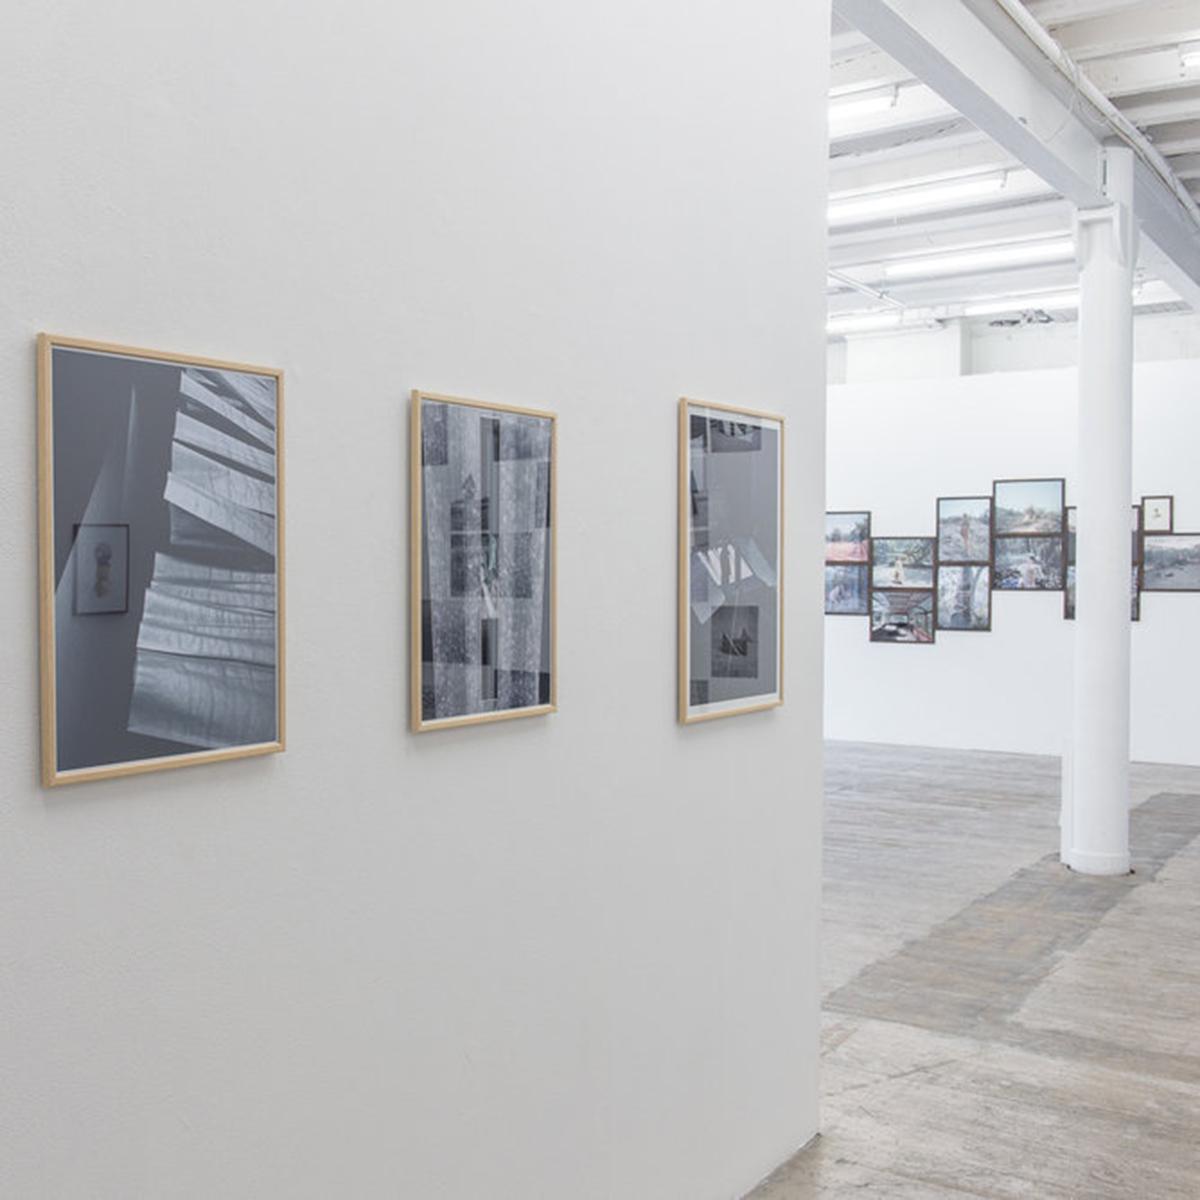 Flyktpunkt+Centrum+för+fotografi+CFF+2017+Simon+BergSimon+Berg+CFF+Centrum+för+fotografi+2015+Sår_DSC3809-Återställd